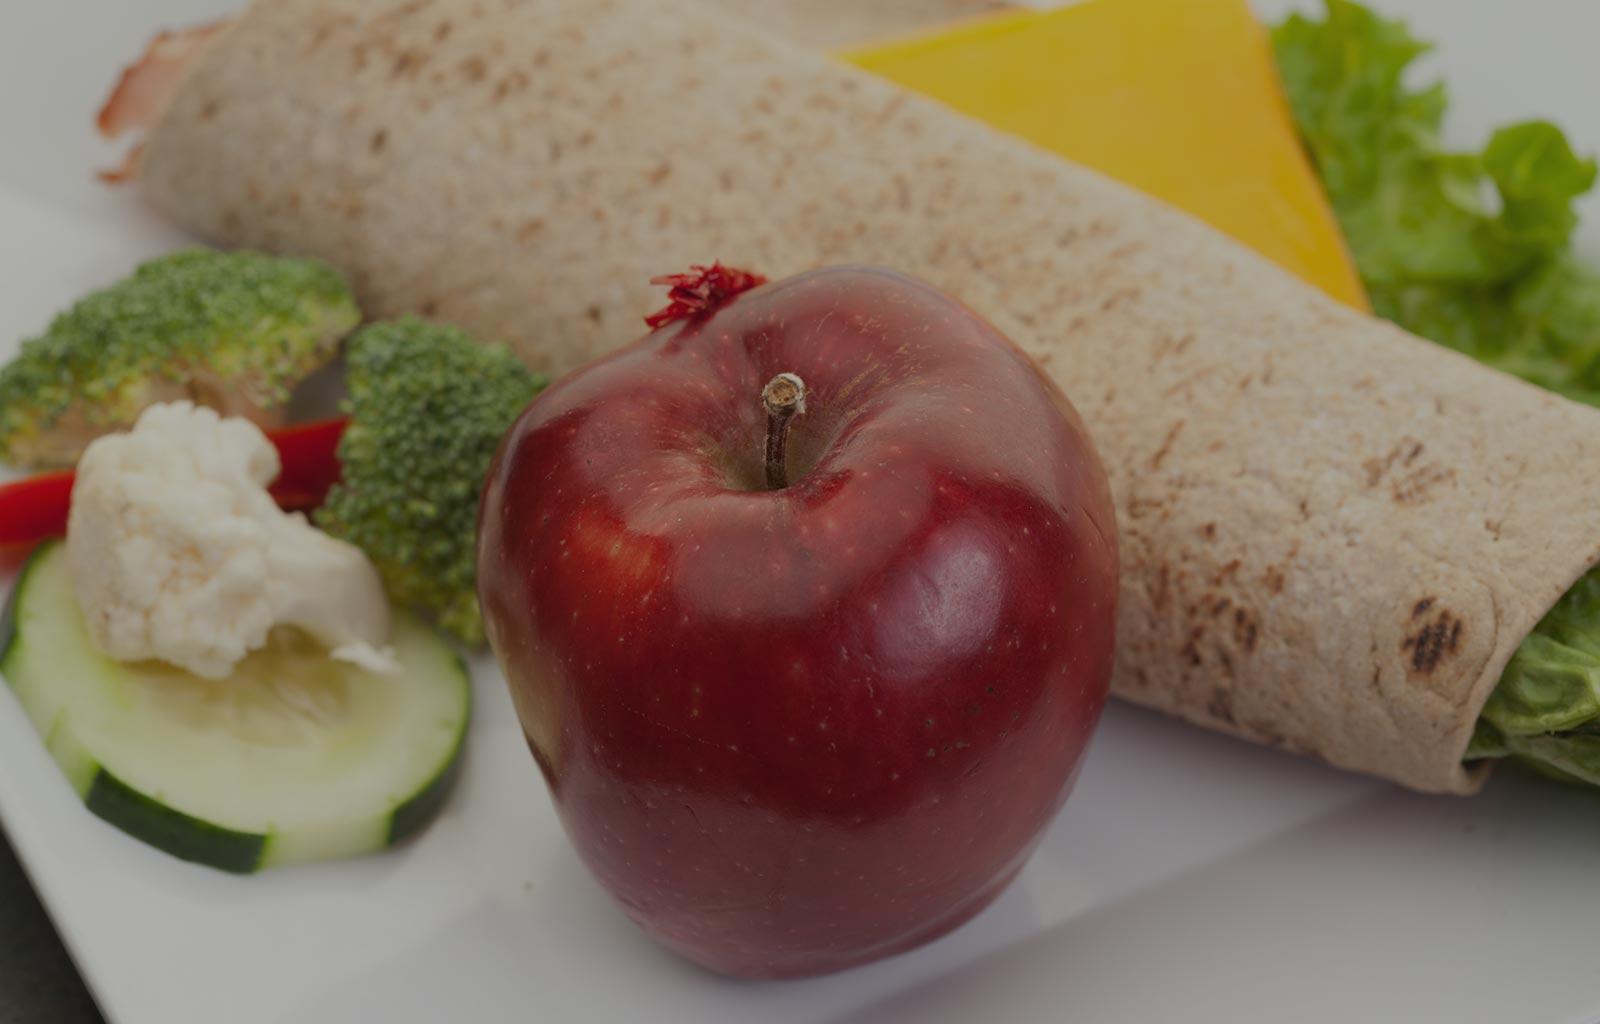 Nutrition-Healthy-Foods.jpg